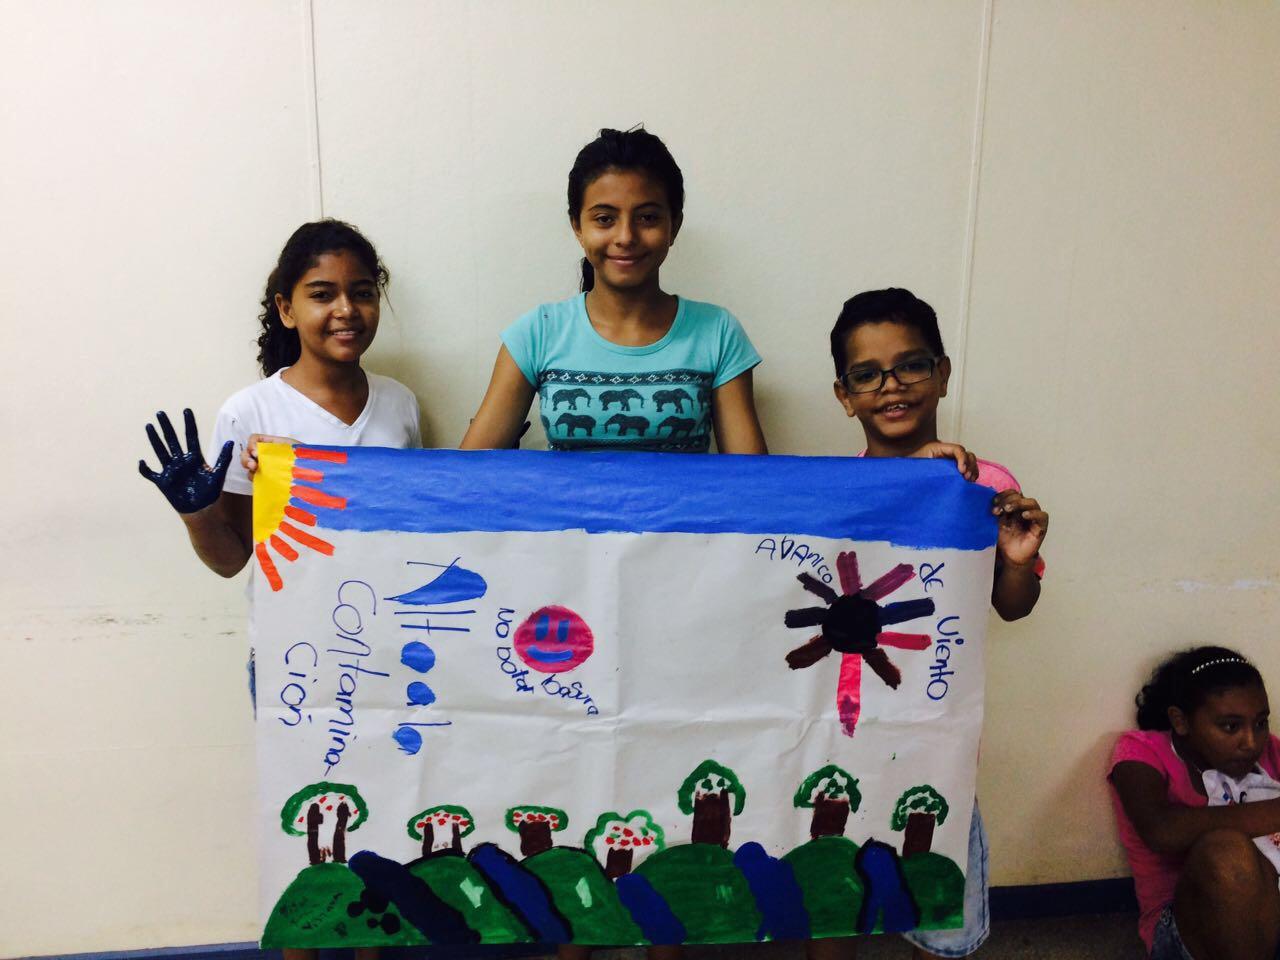 Campamentos de Desarrollo Humano Sede del Pacífico UCR